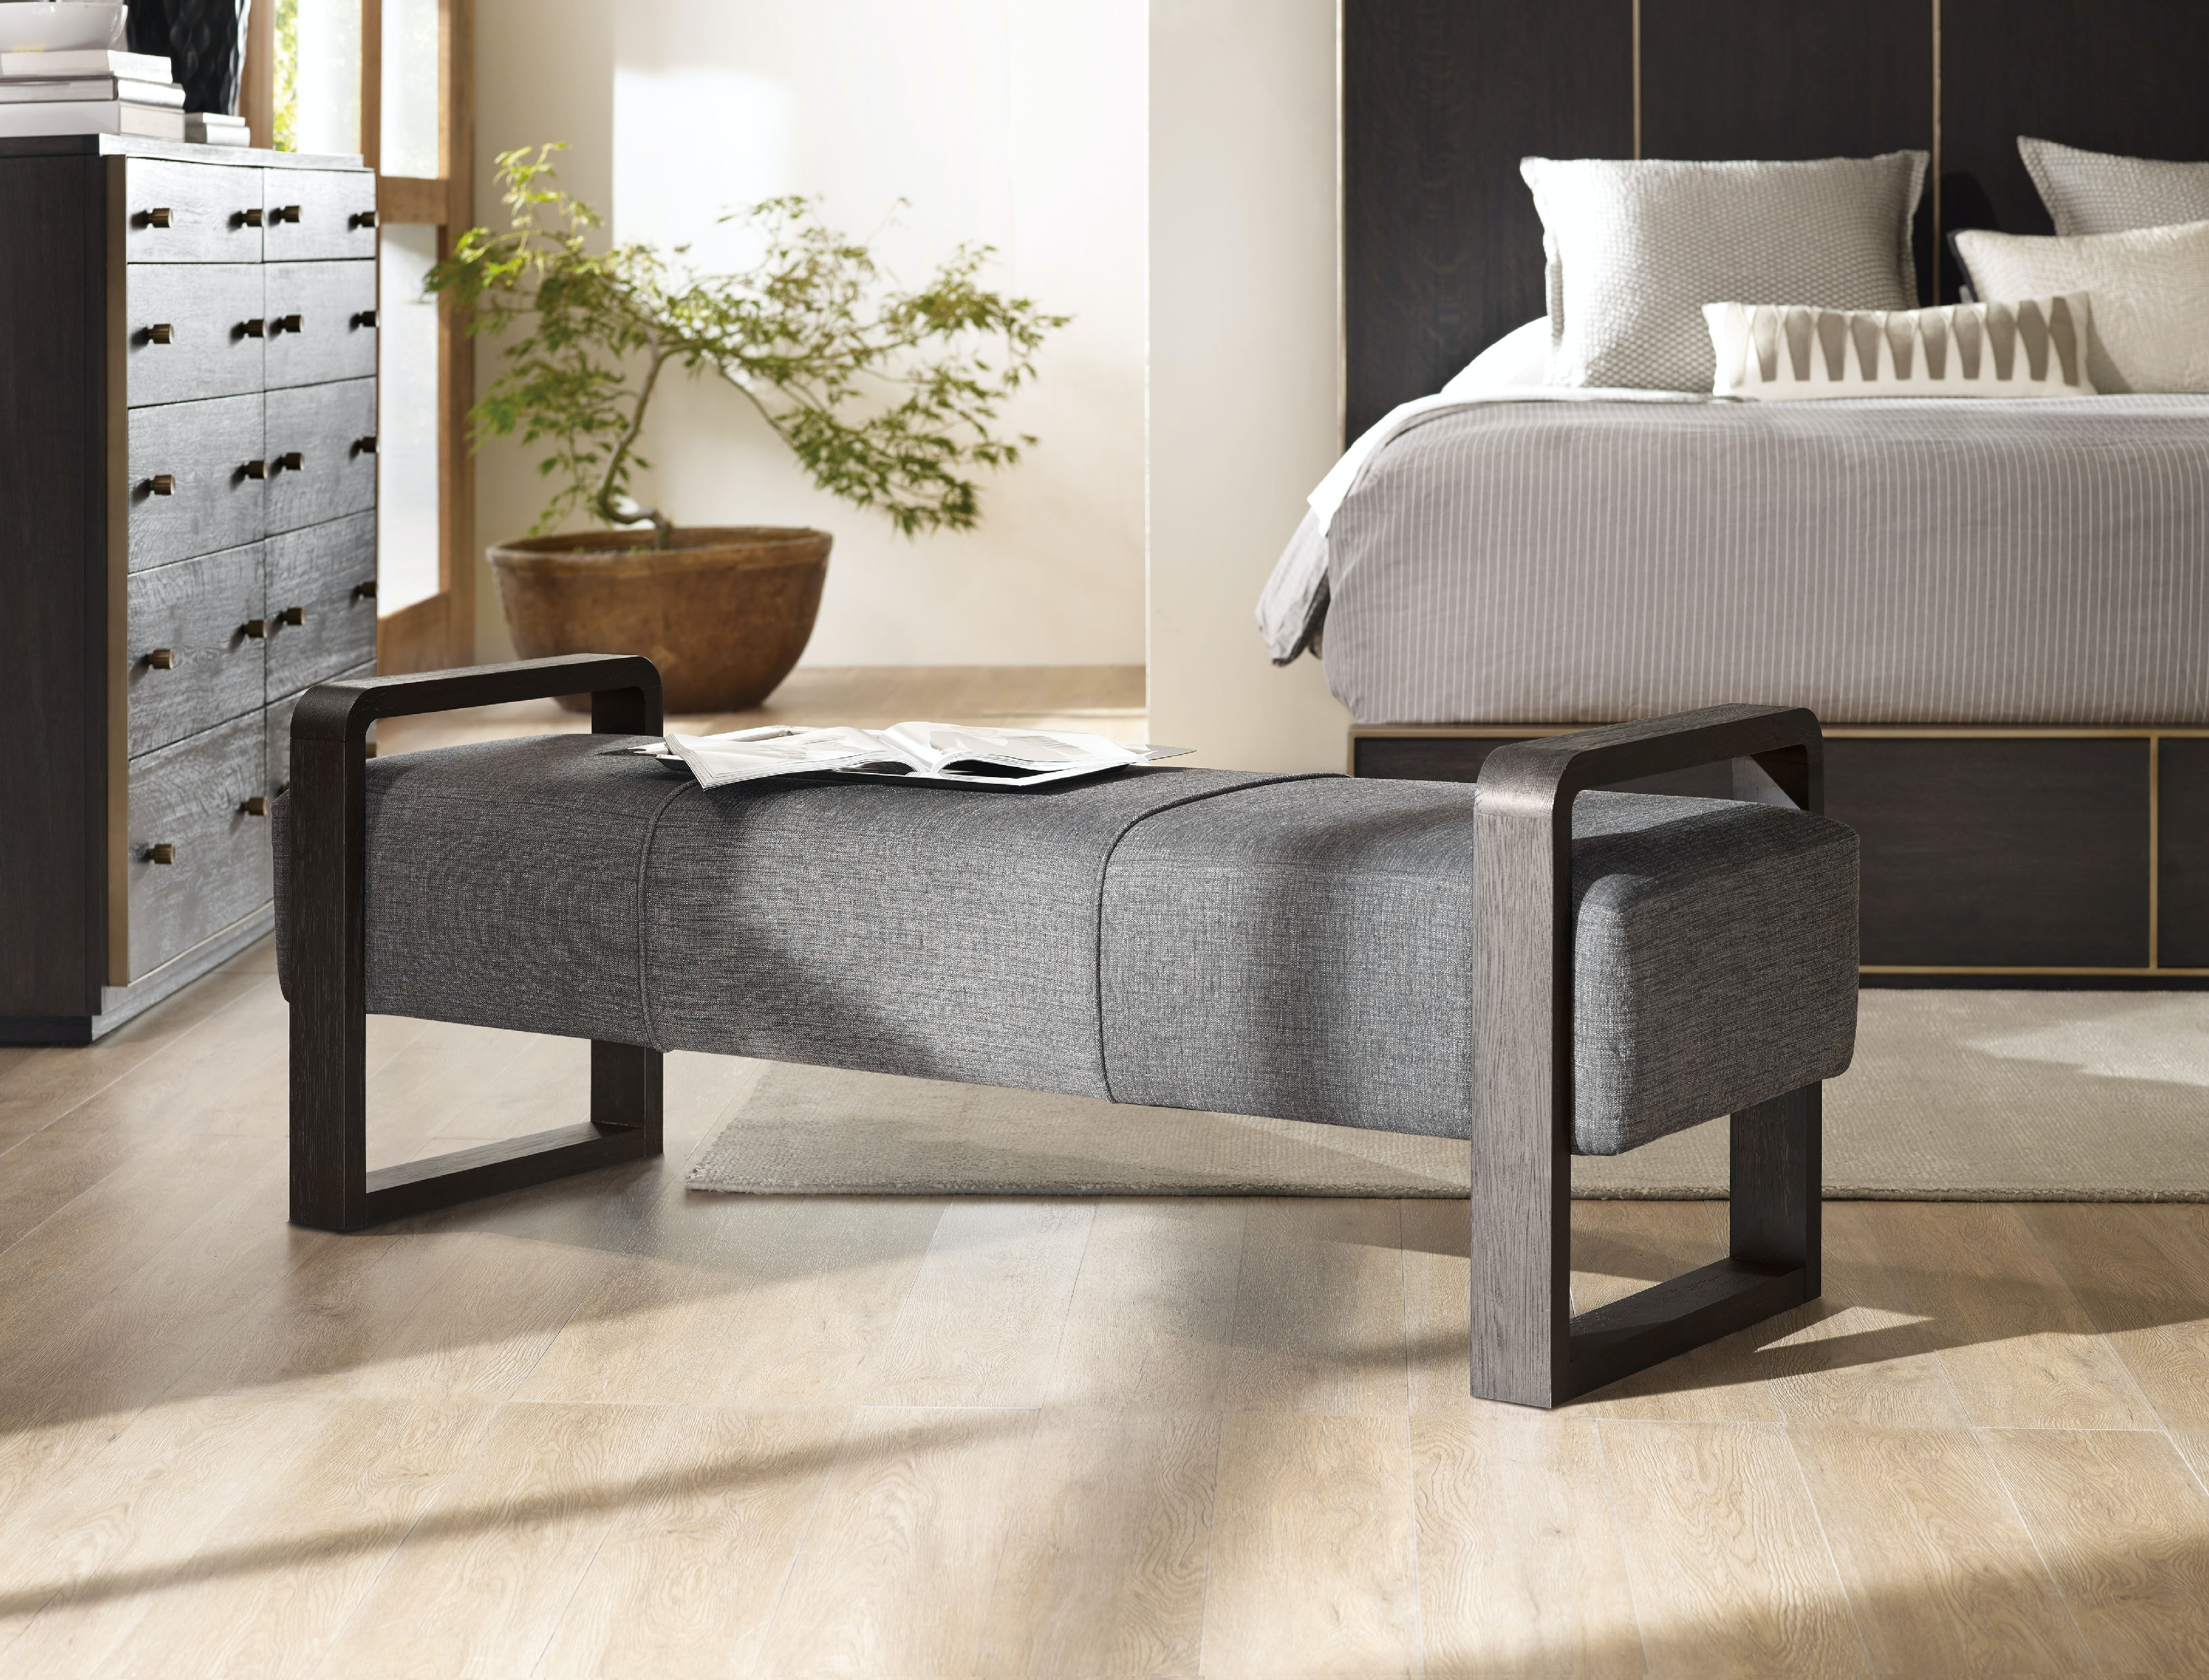 Hooker Furniture Living Room Curata Upholstered Bench 1600-50006-DKW